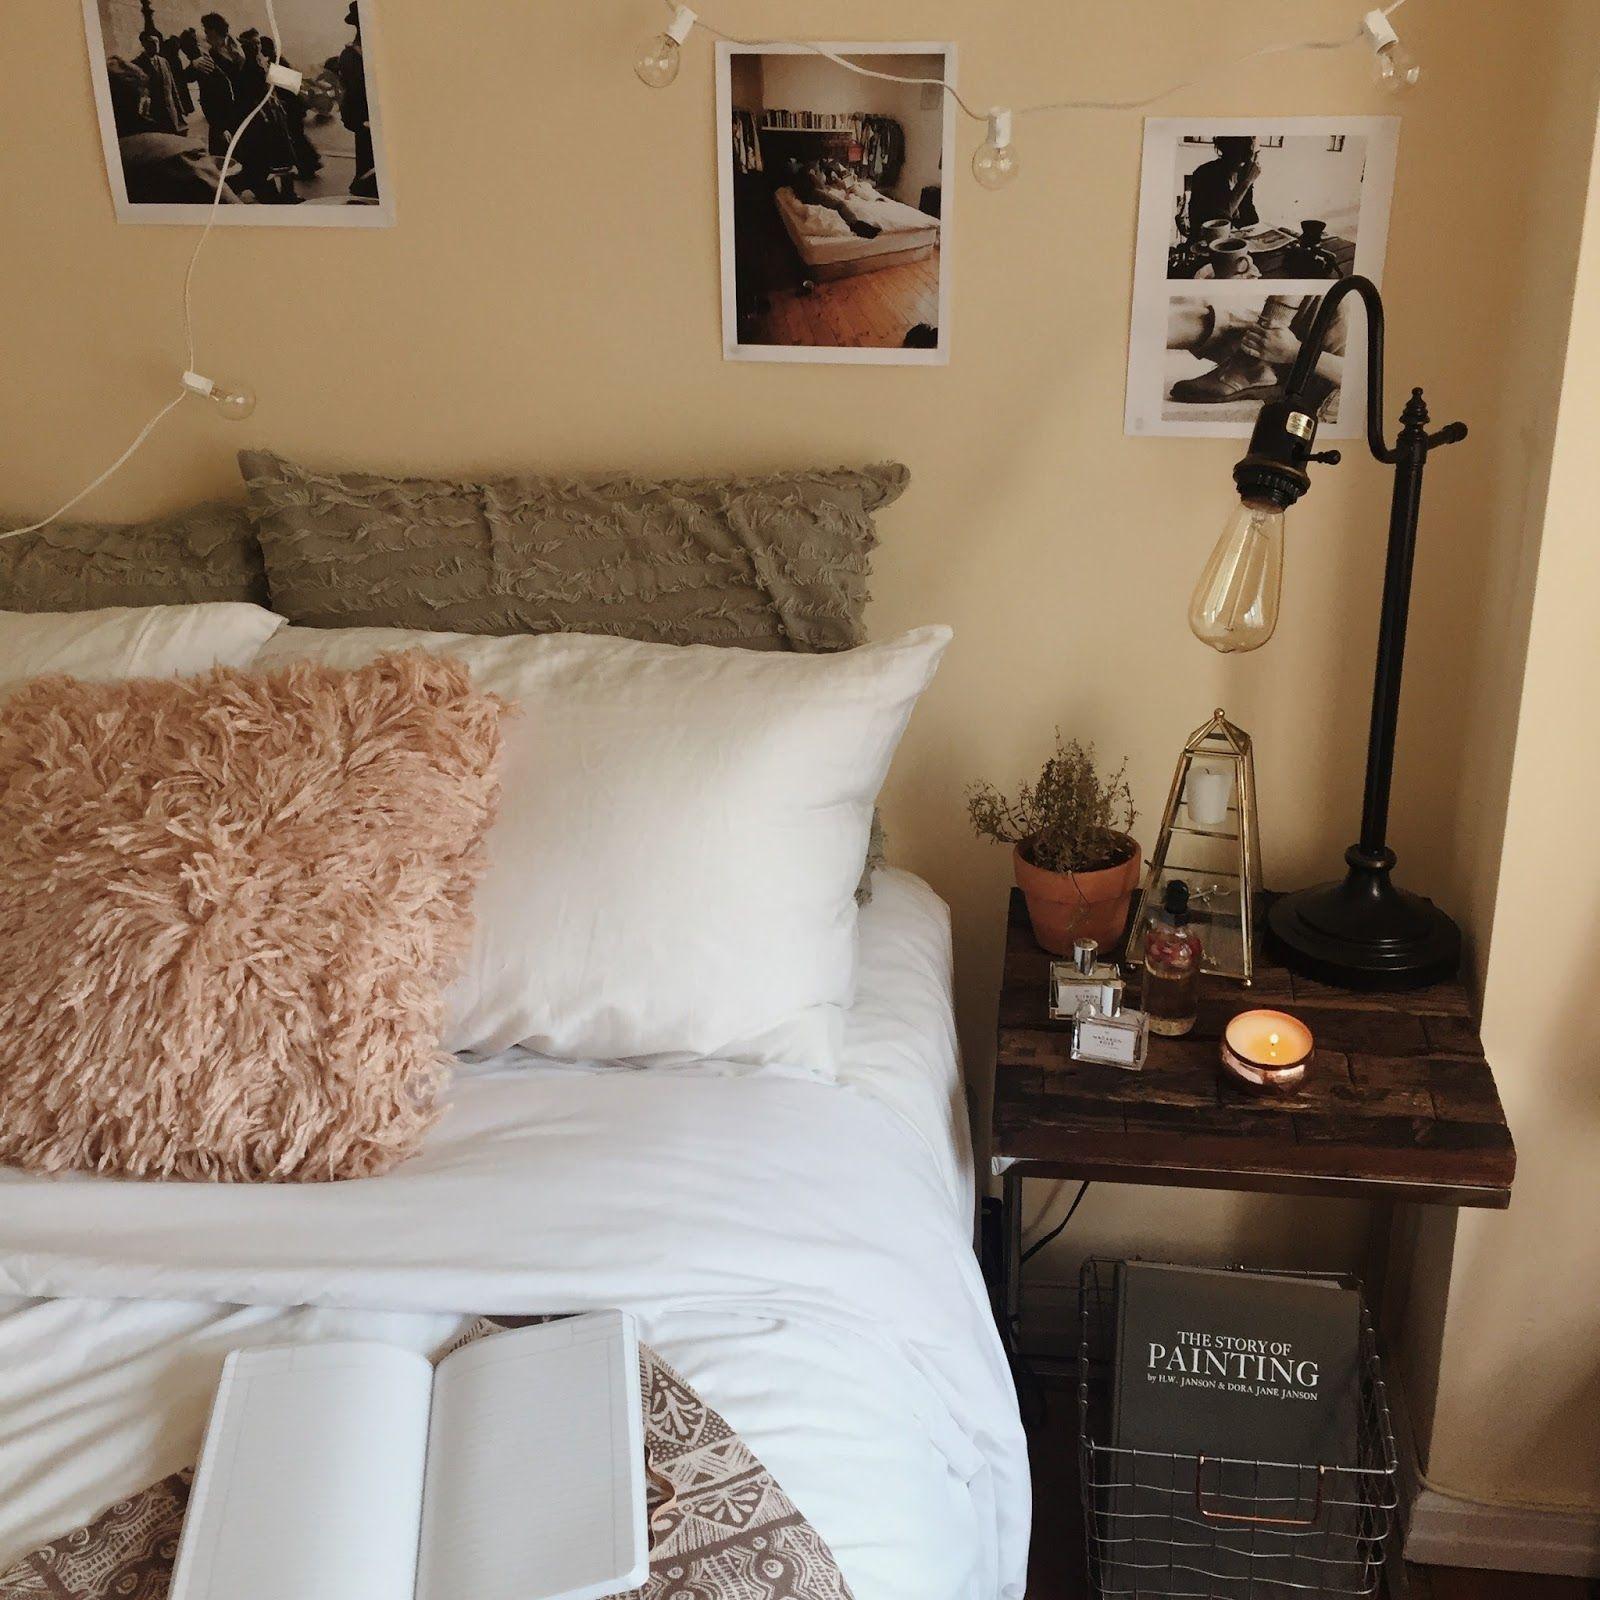 Habitaciones De Ensueño Dormitorios Decoracion De: Decoraciones De Casa, Dormitorios Y